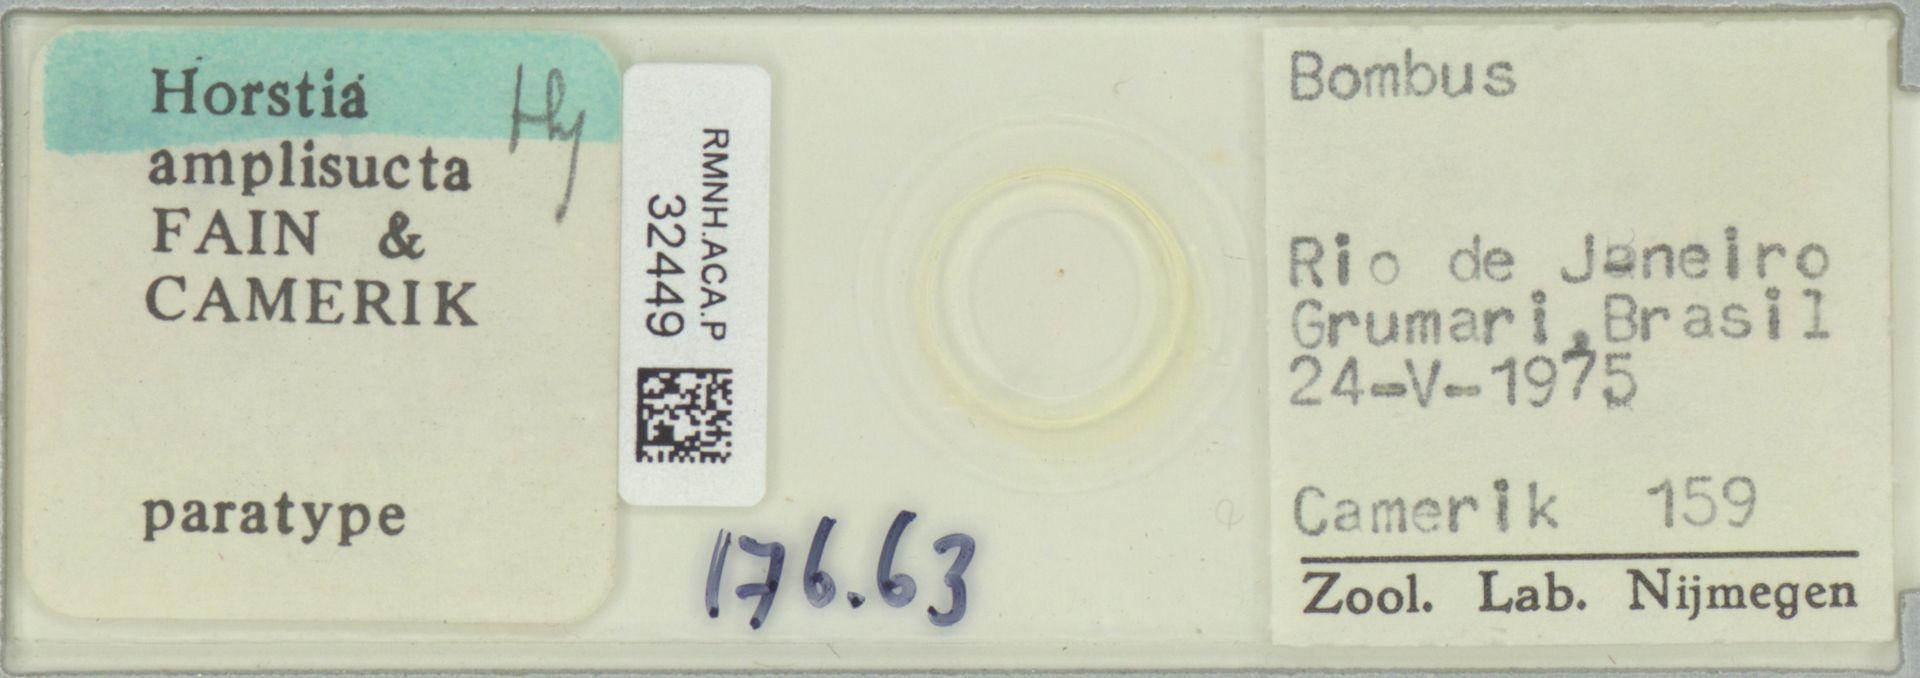 RMNH.ACA.P.32449   Horstia amplisucta Fain & Camerik